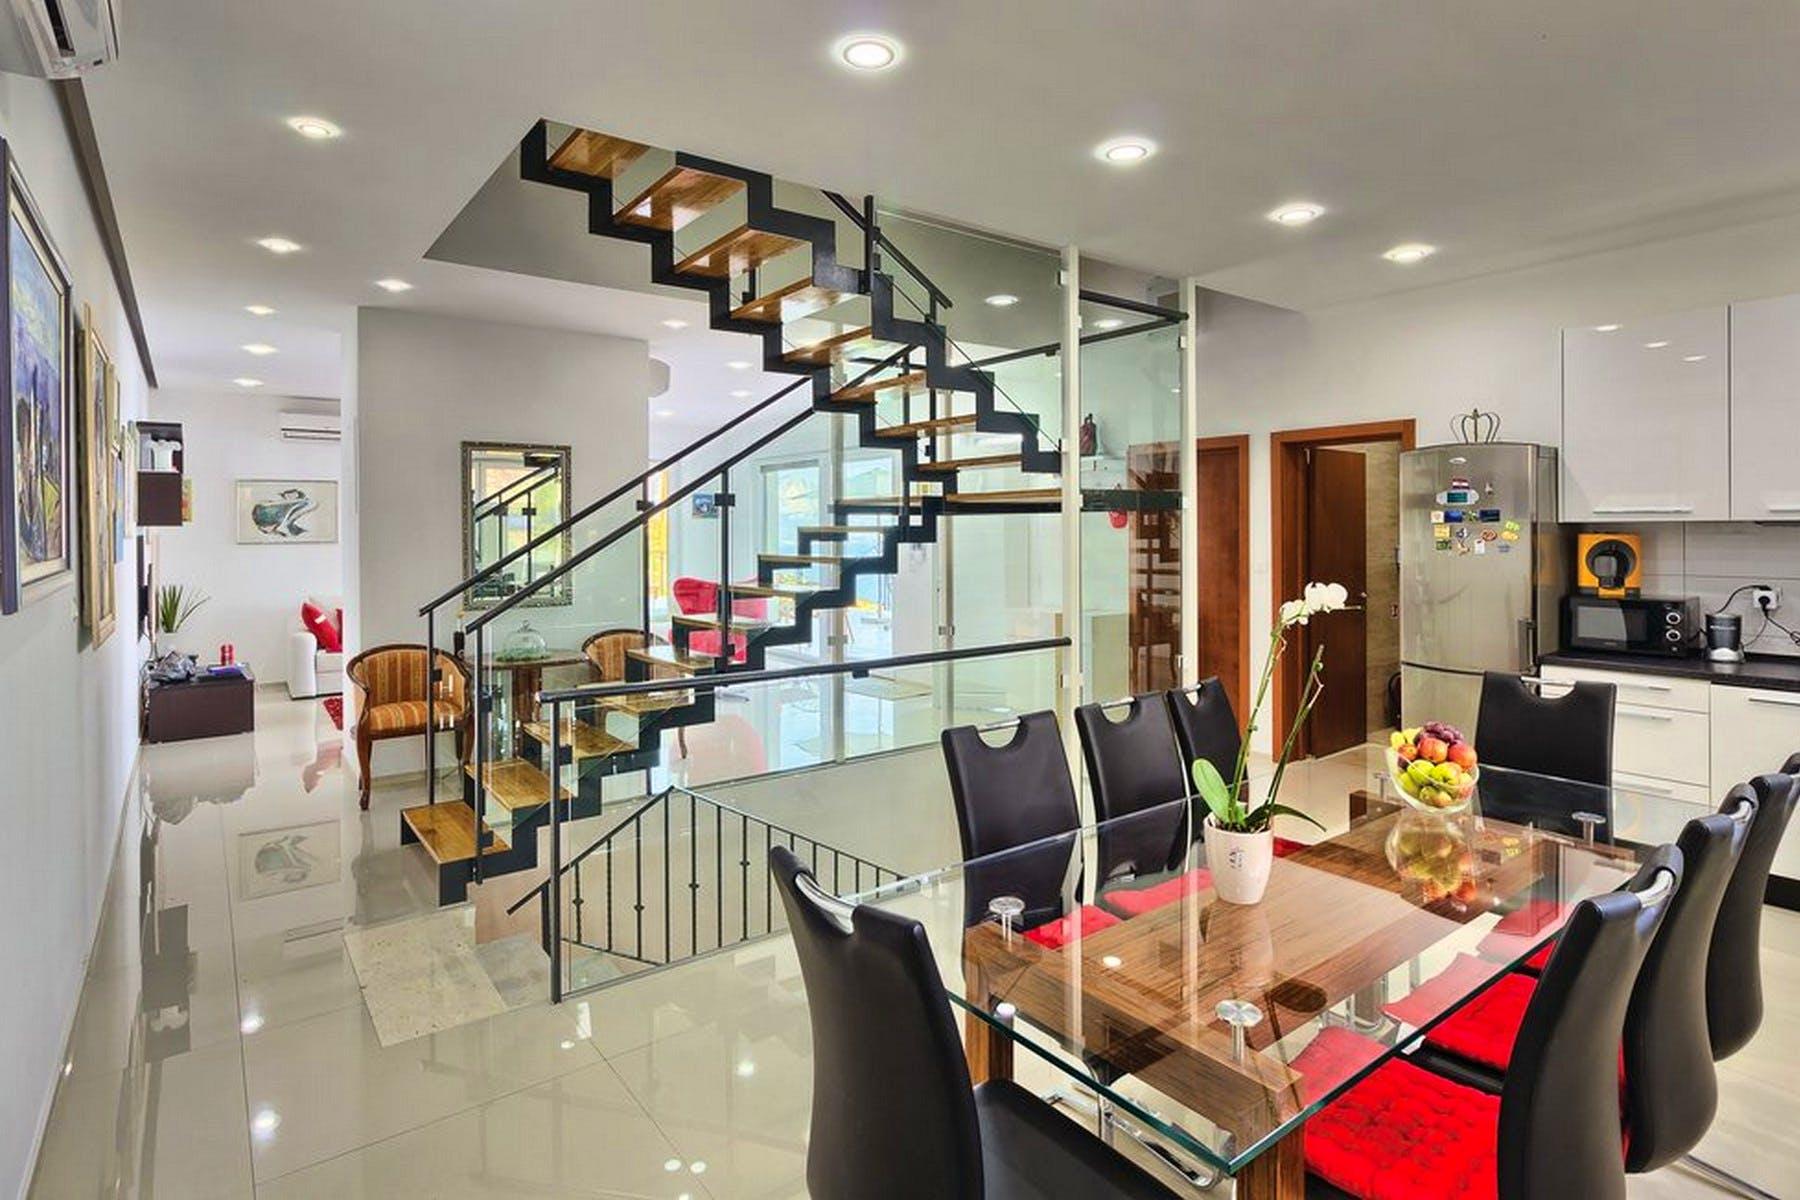 Carefully designed interior